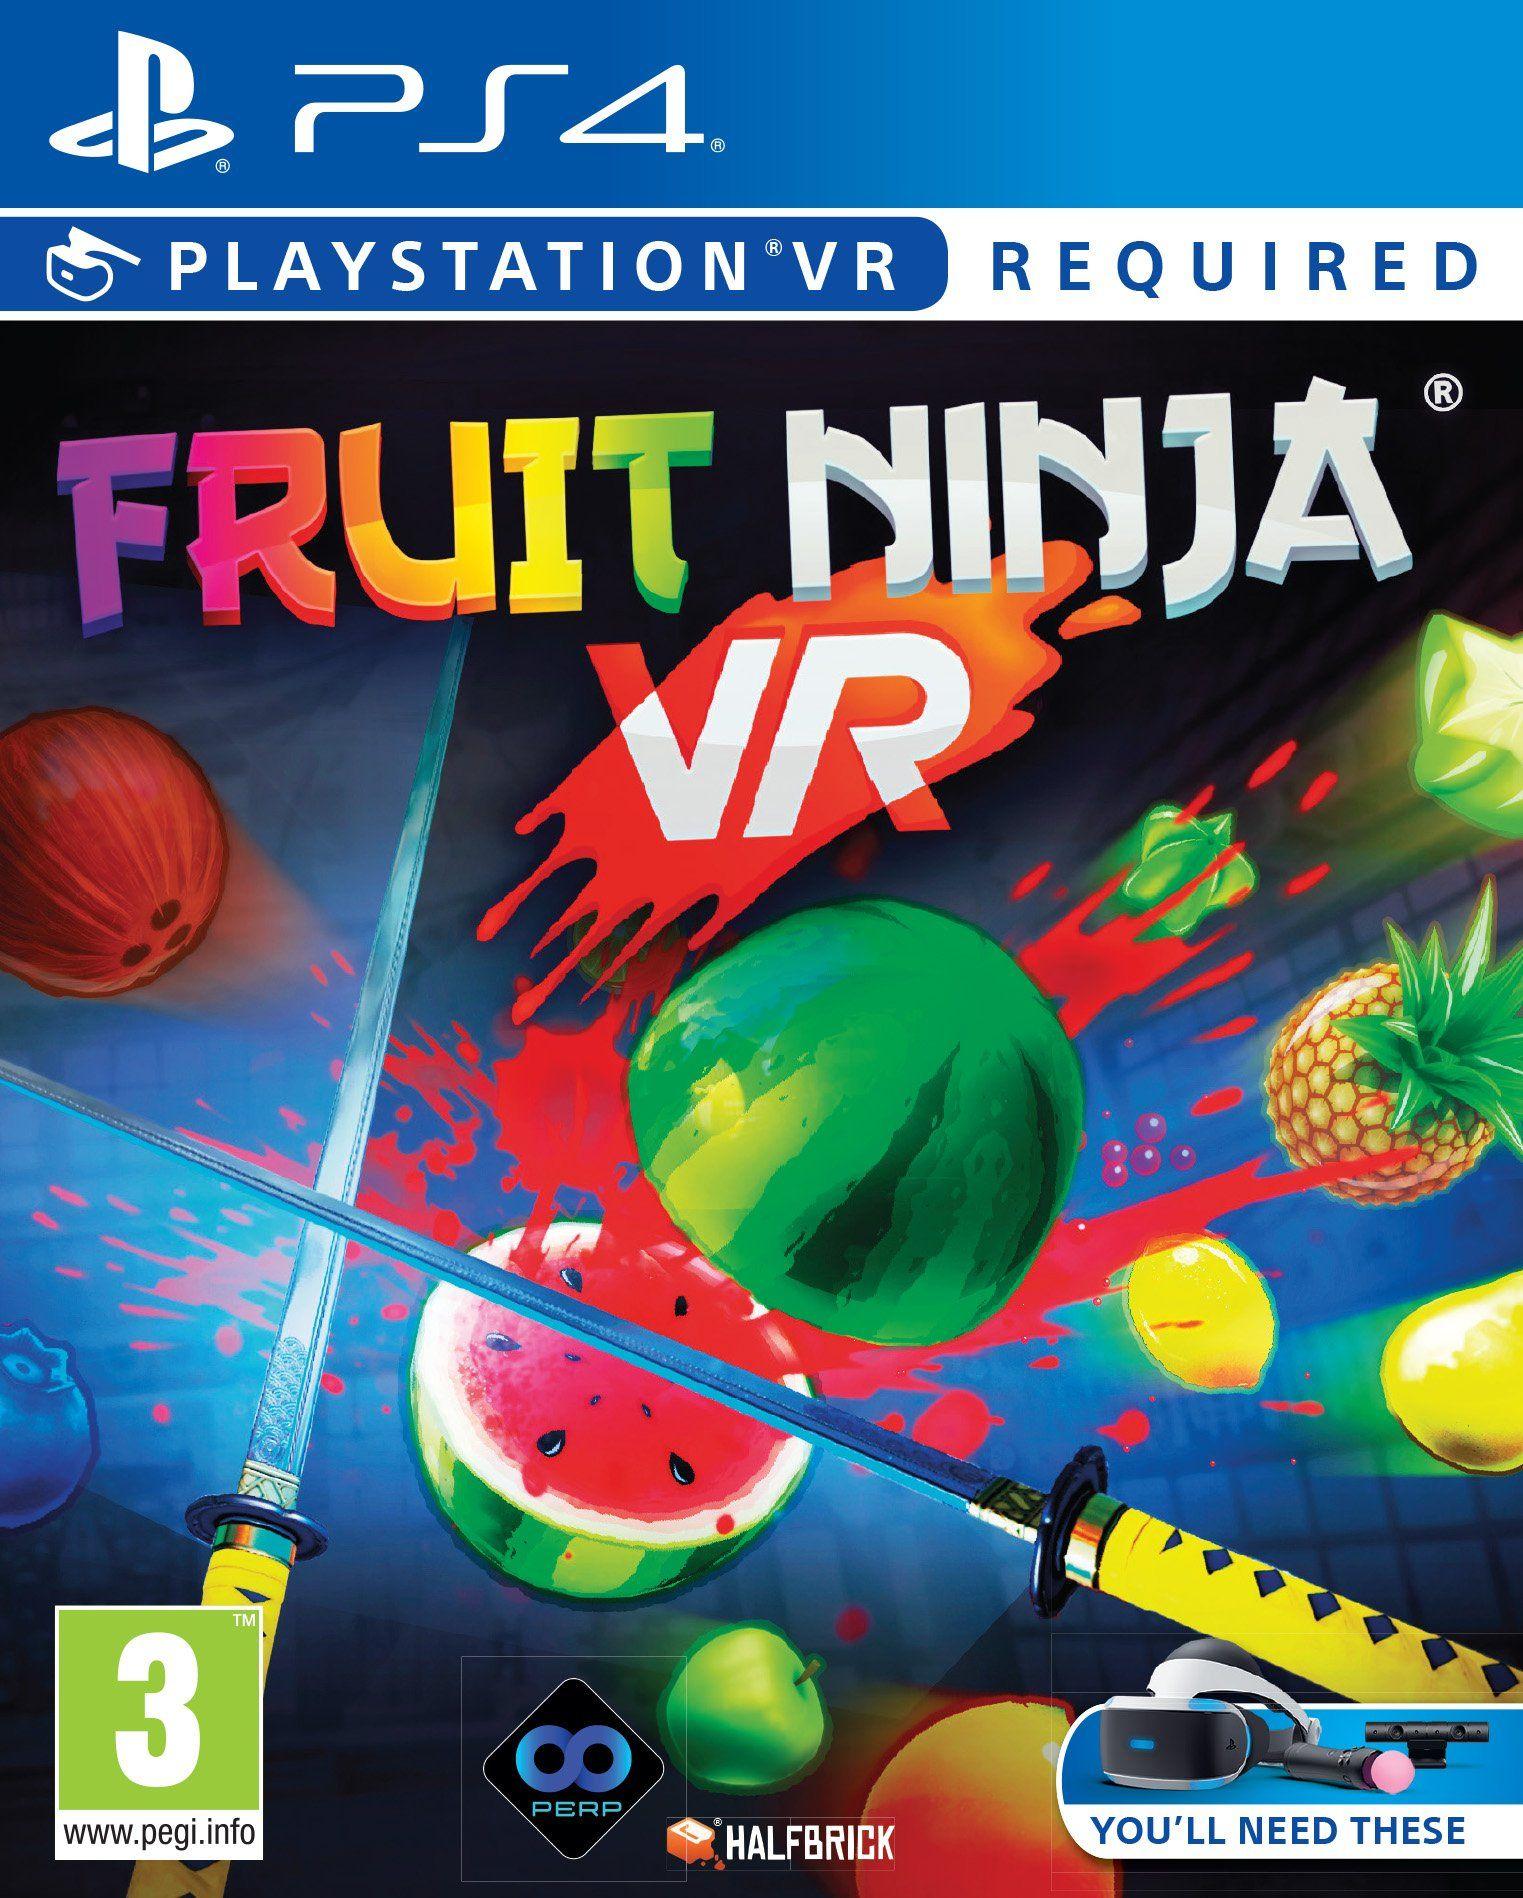 Fruit Ninja VR - PSVR PS4 Playstation 4 for £7.99 @ GAME